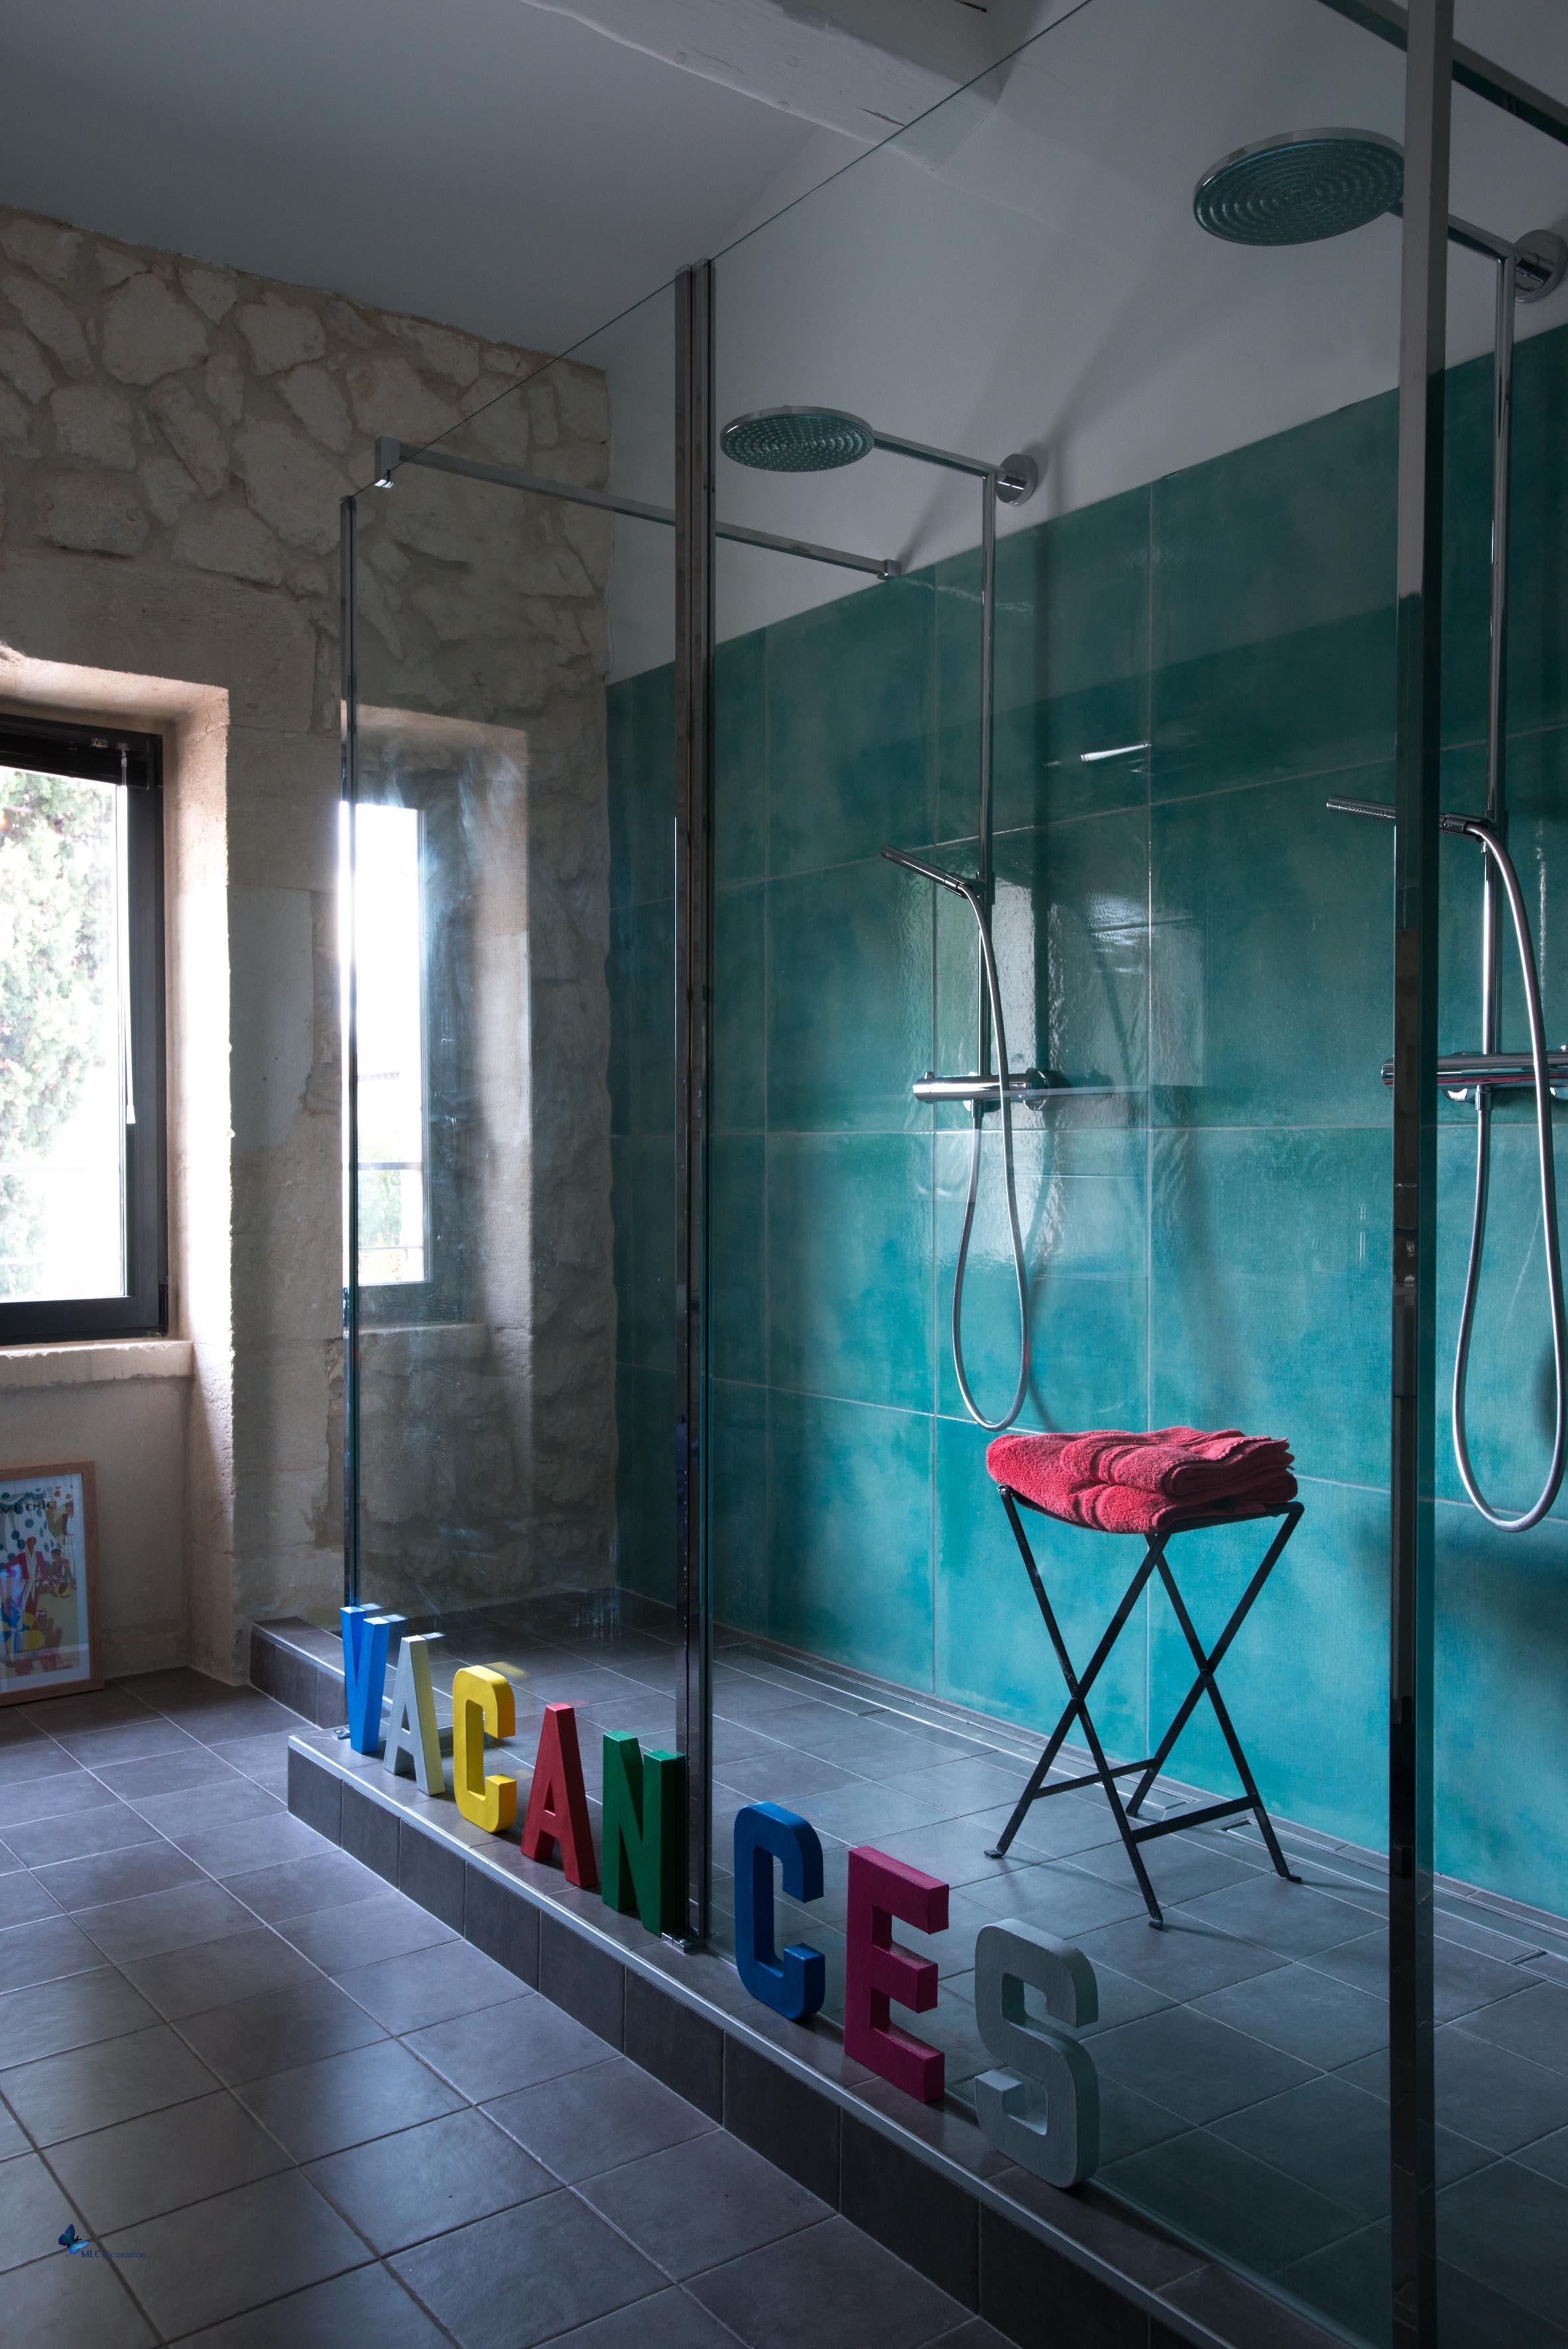 Déco Chambre et Salle de bain turquoise - couleur peinture